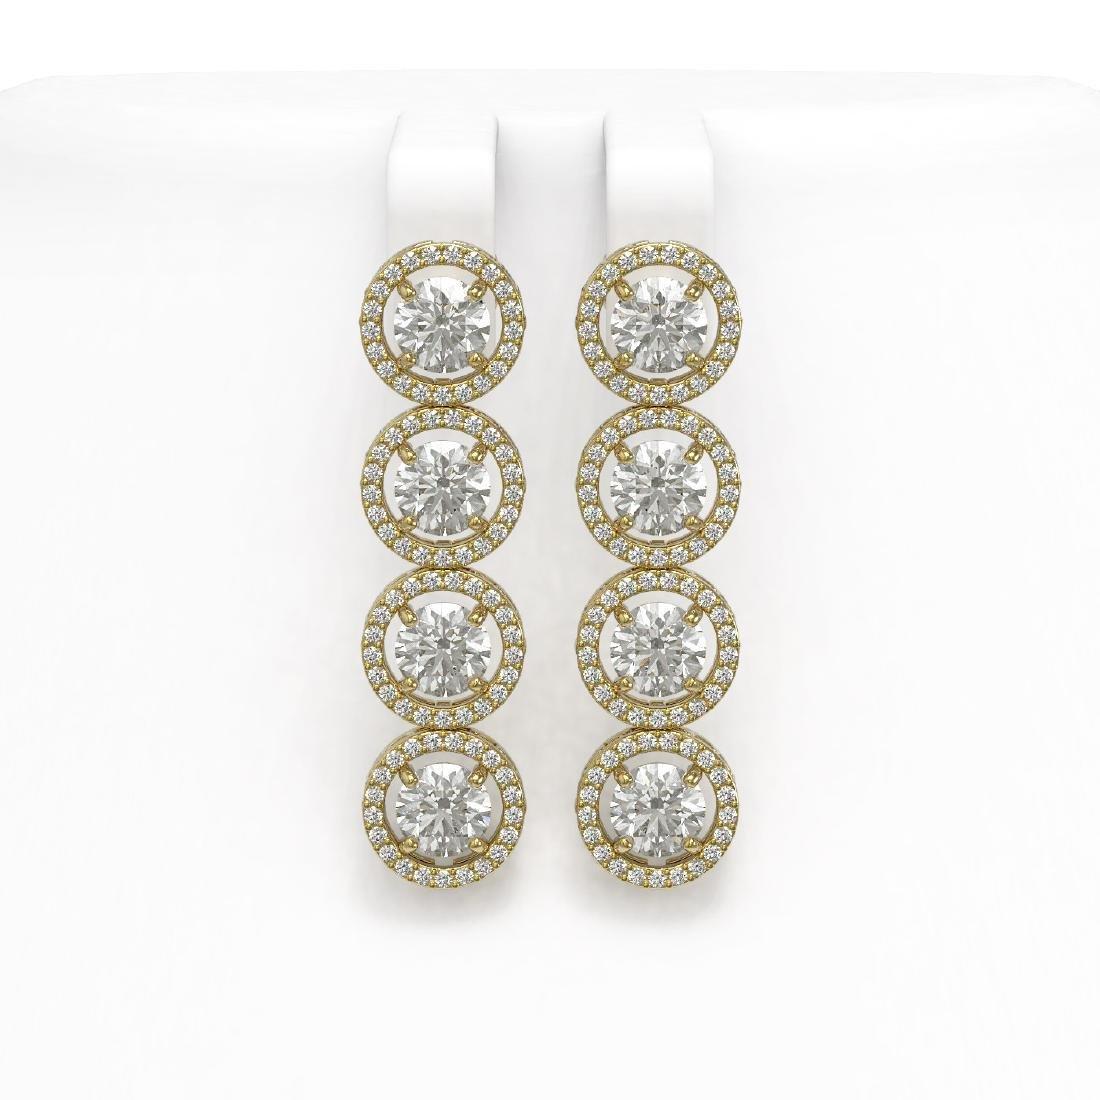 5.36 CTW Diamond Designer Earrings 18K Yellow Gold